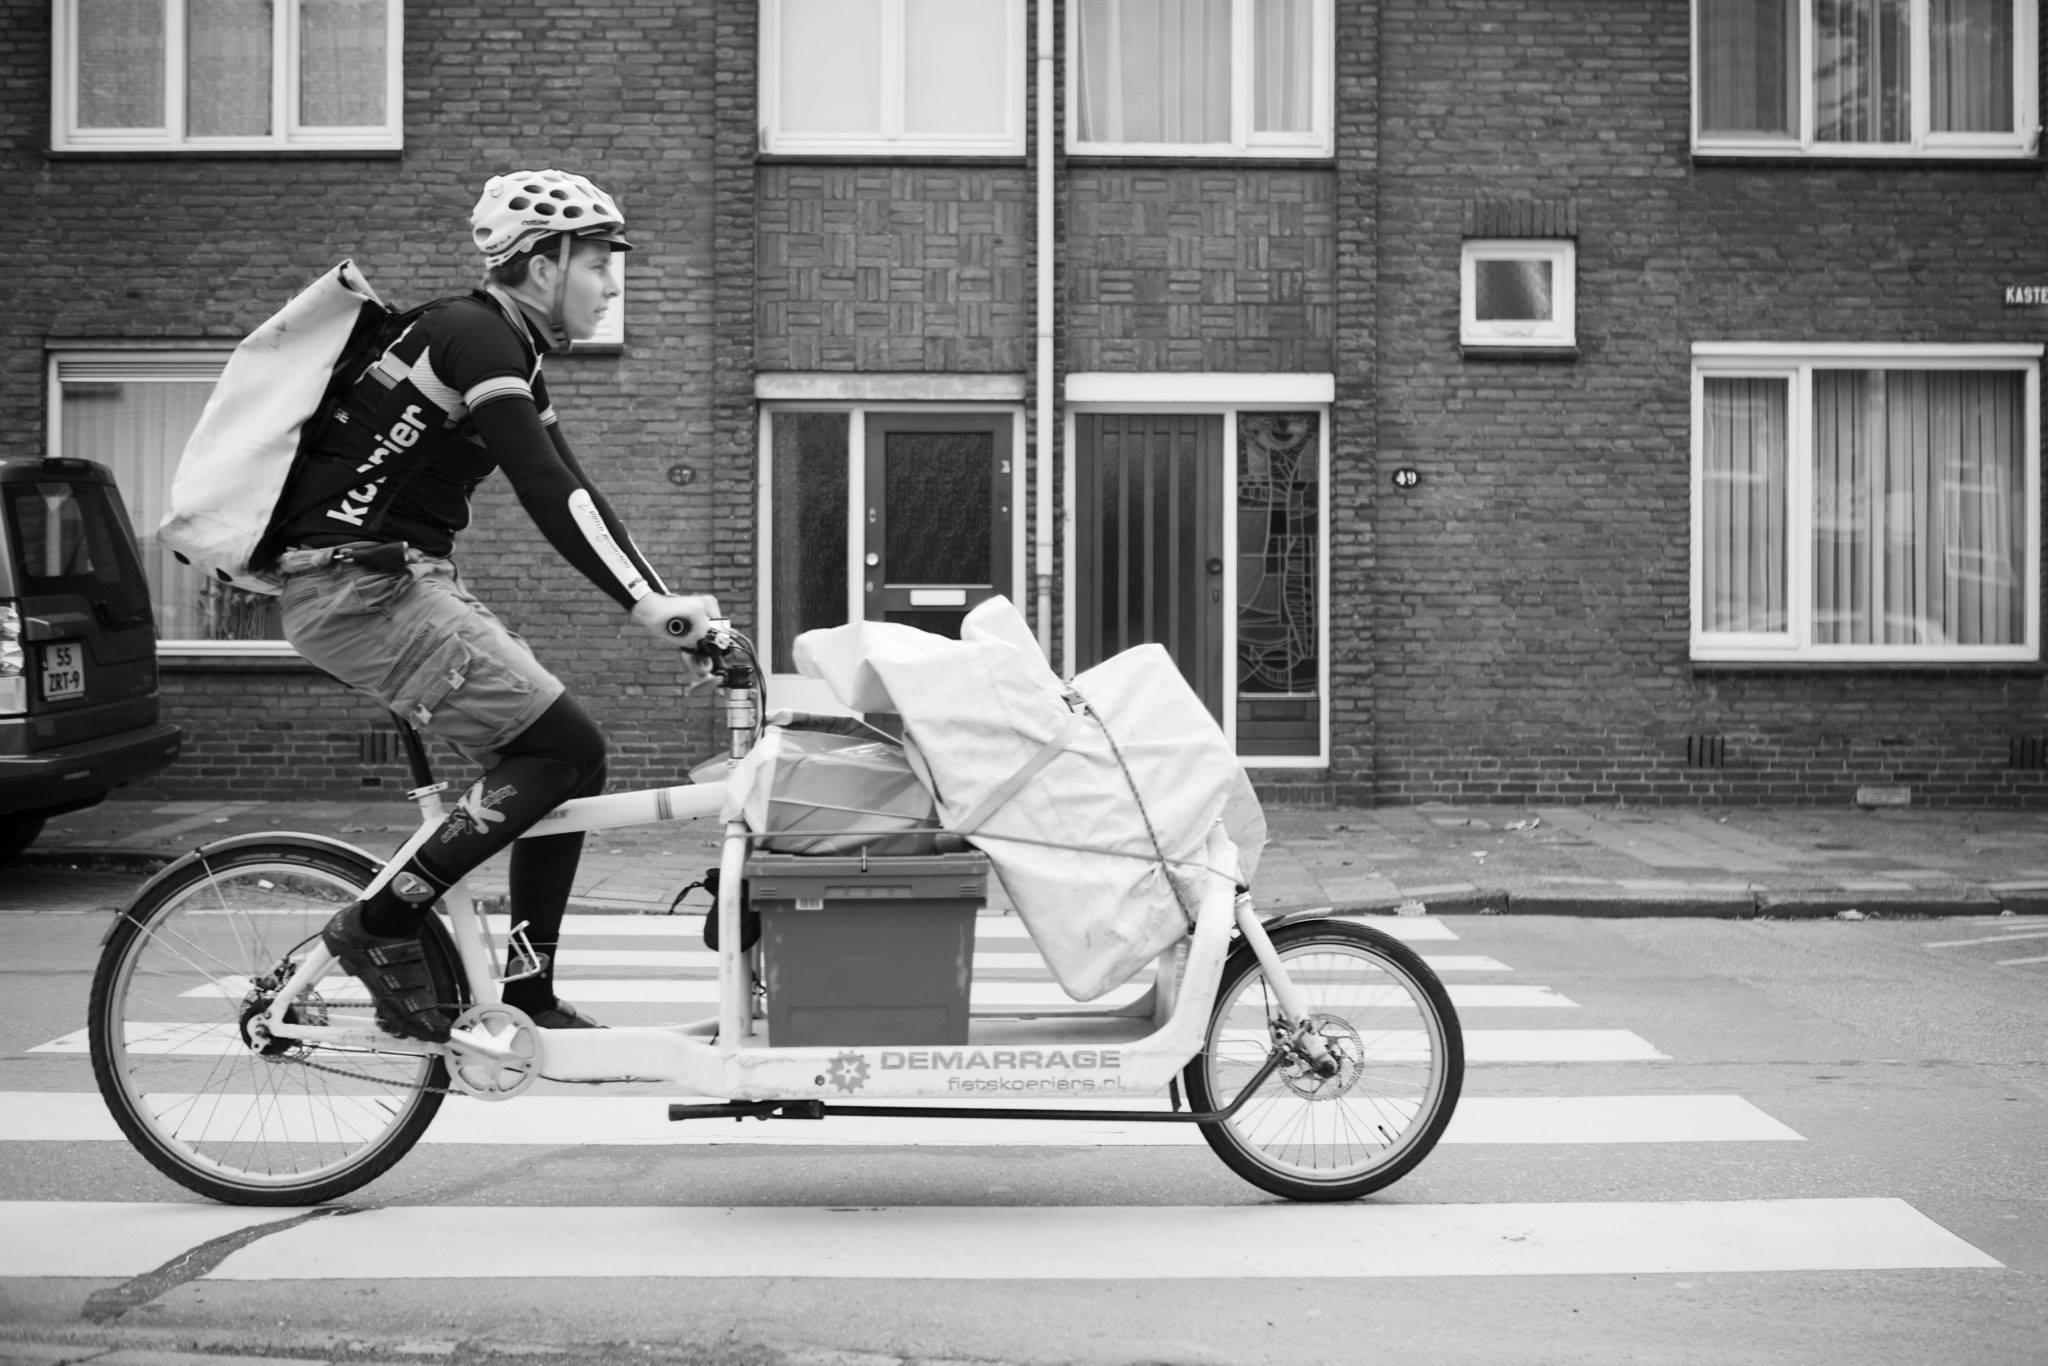 fietskoerier_pakket_bezorging.jpg